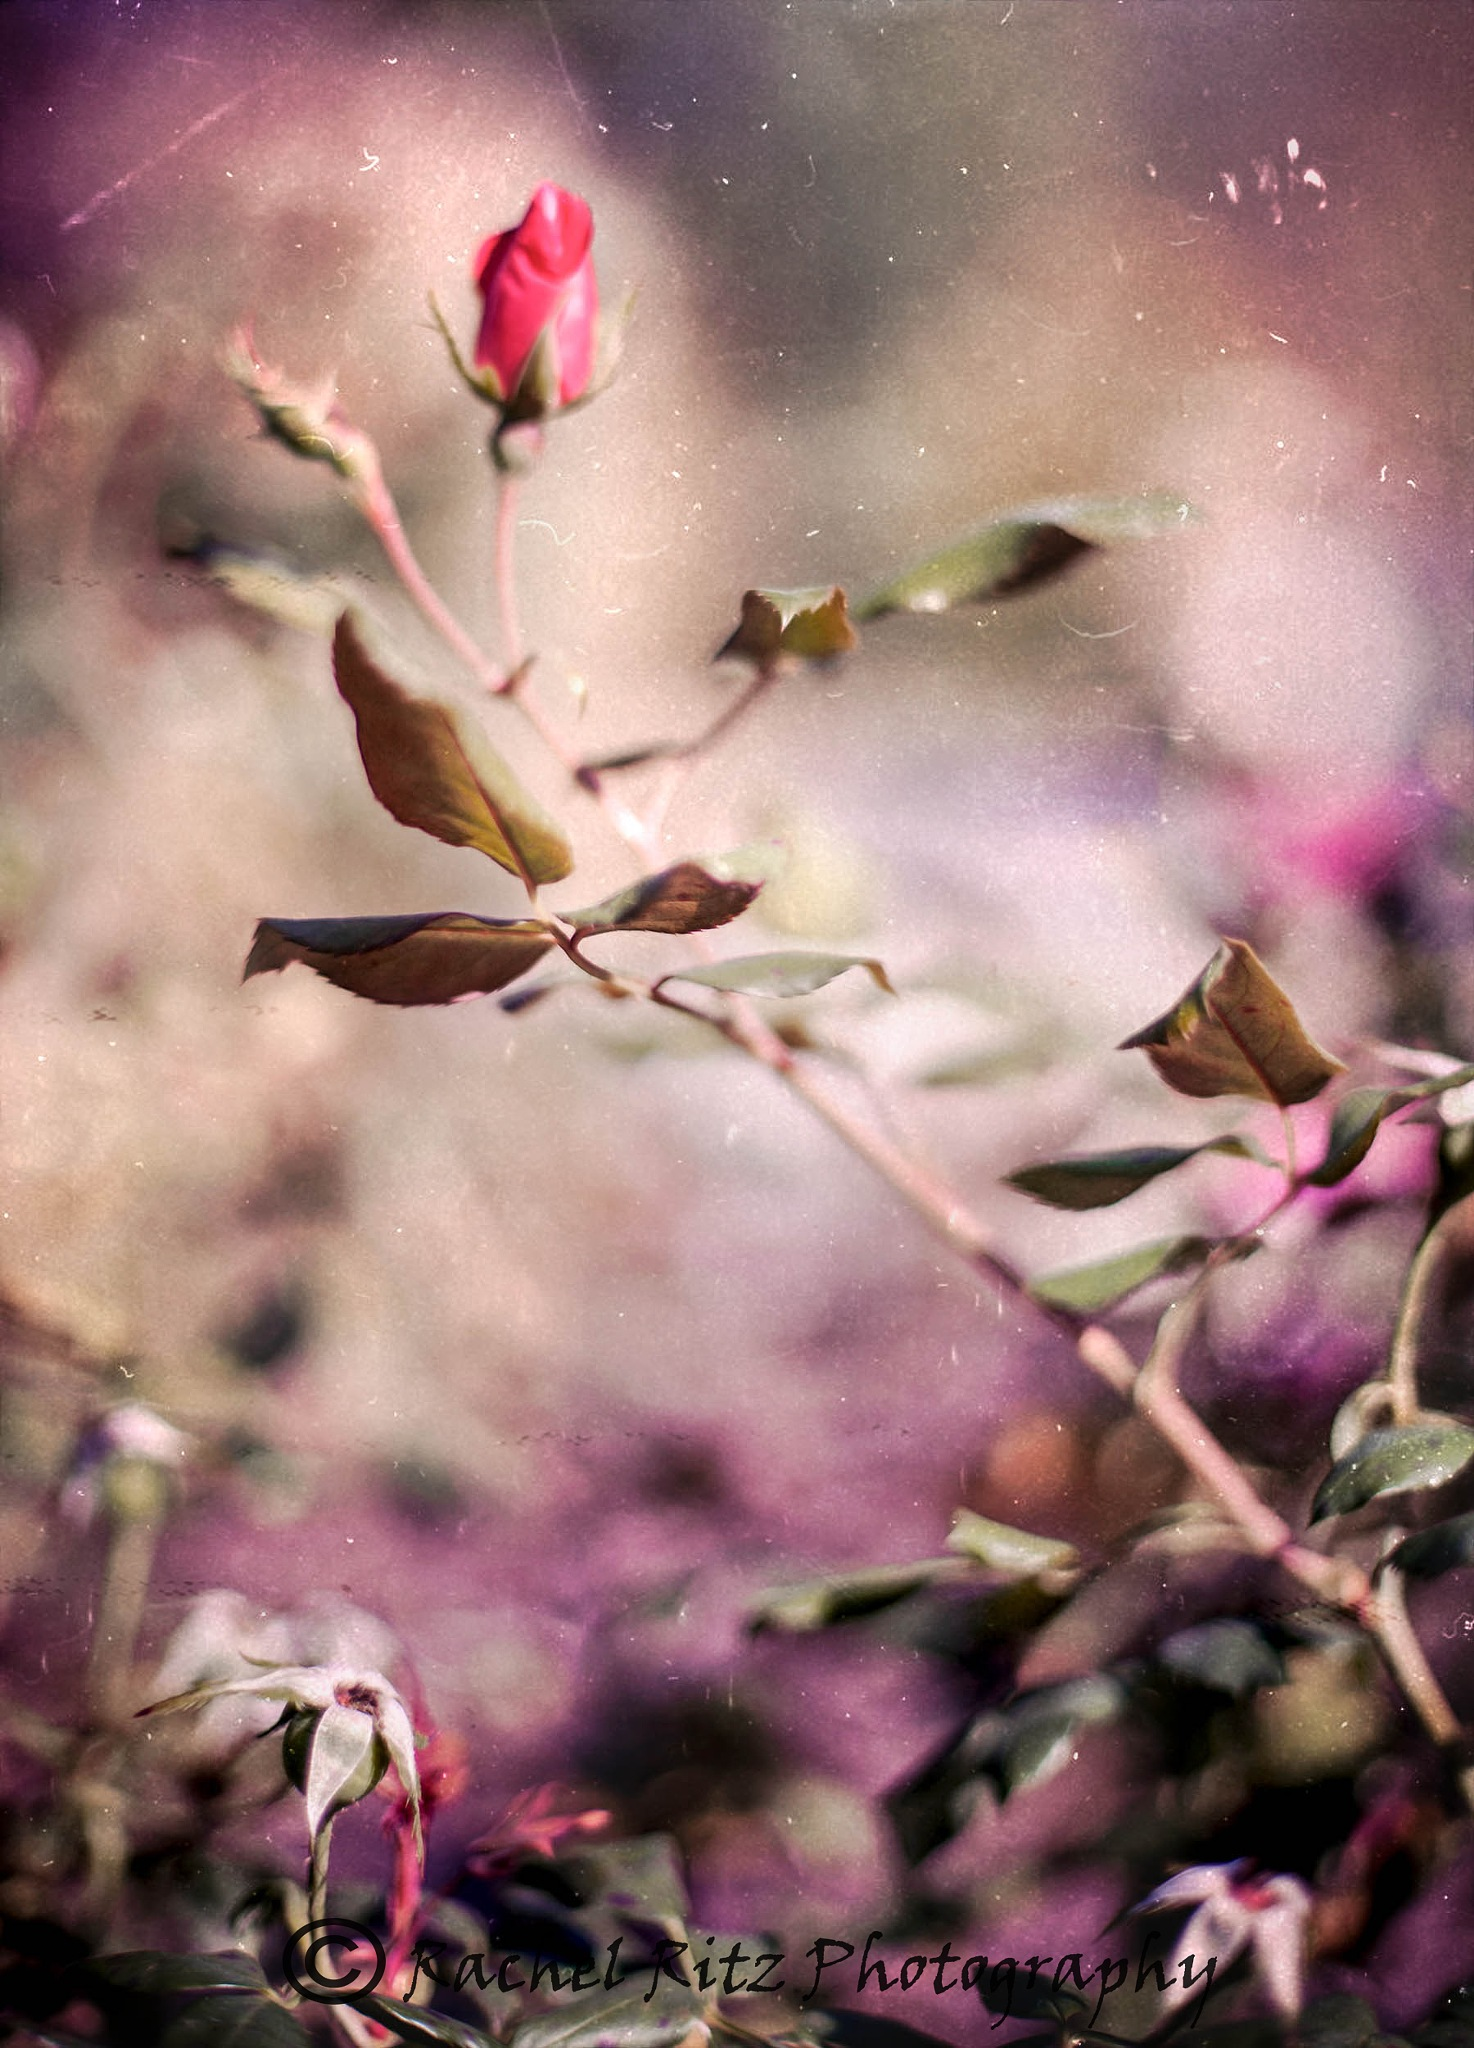 Flower Bud by Rachel